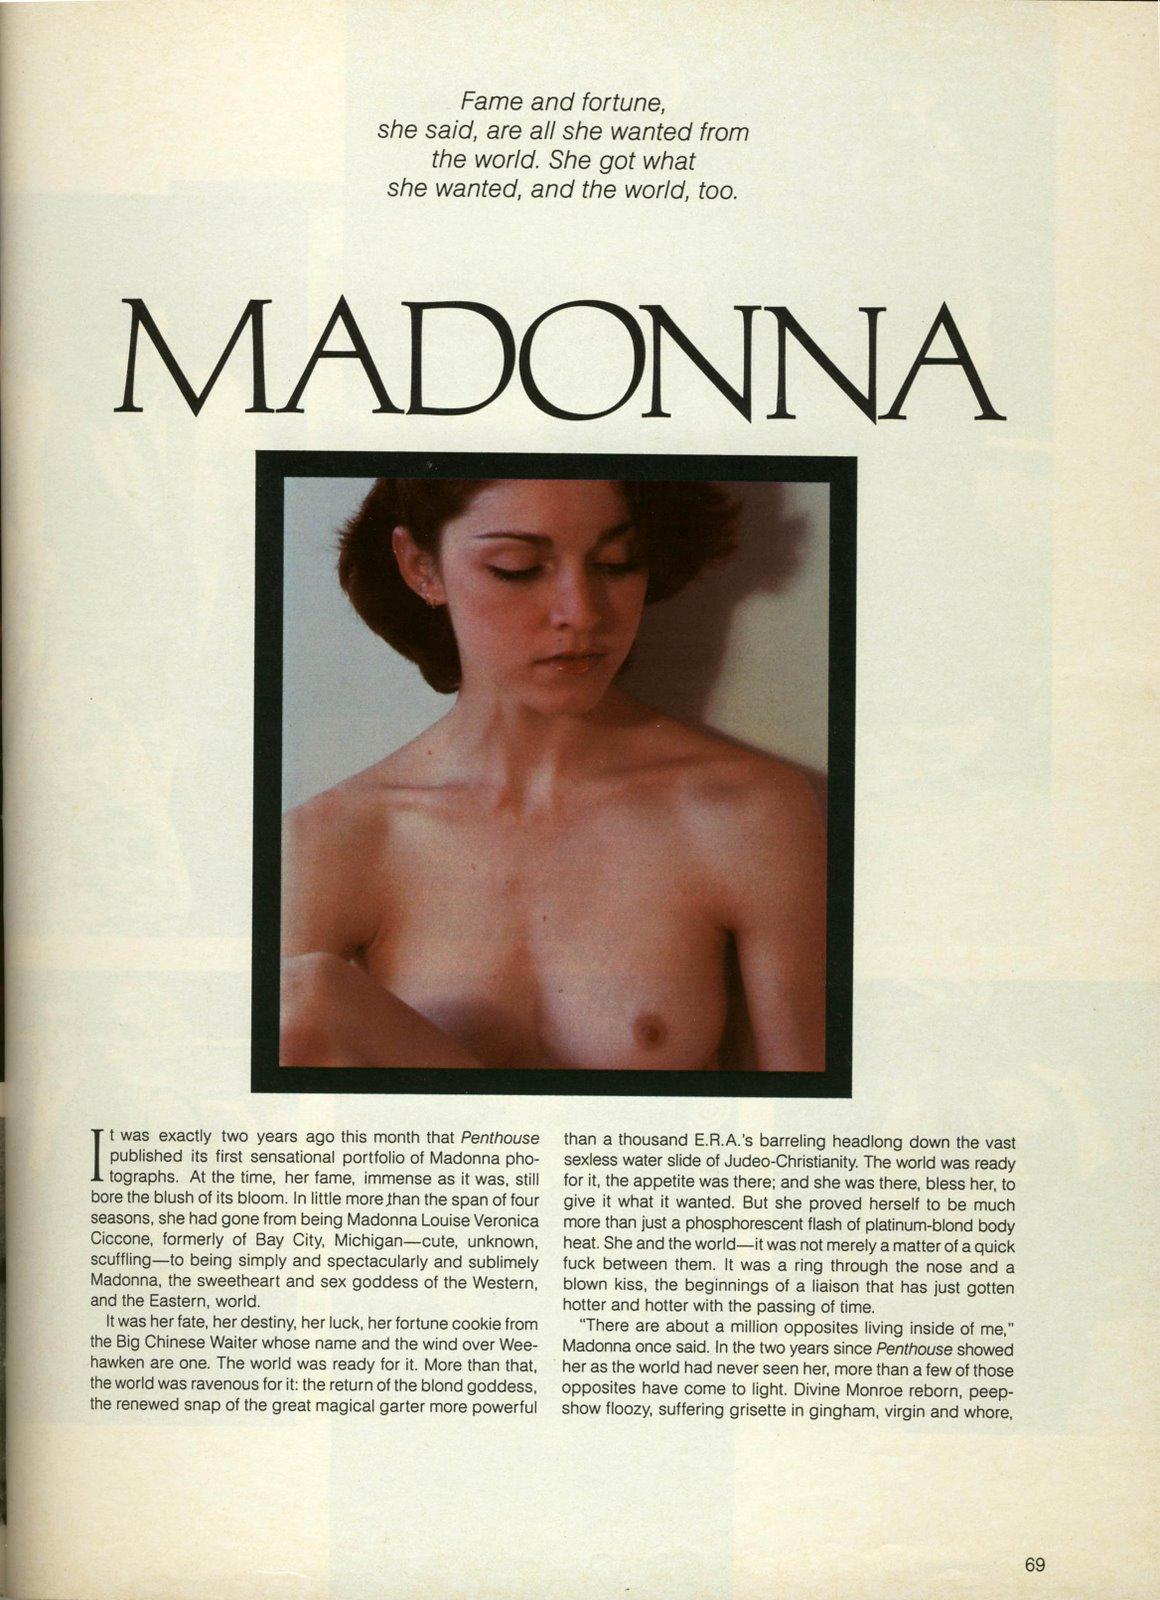 http://3.bp.blogspot.com/-gR8JtLEh7ac/TinlGn8LQQI/AAAAAAAAMi8/P7Ocz83LhT8/s1600/penthouse_september_1987_madonna_Scan10179.jpg